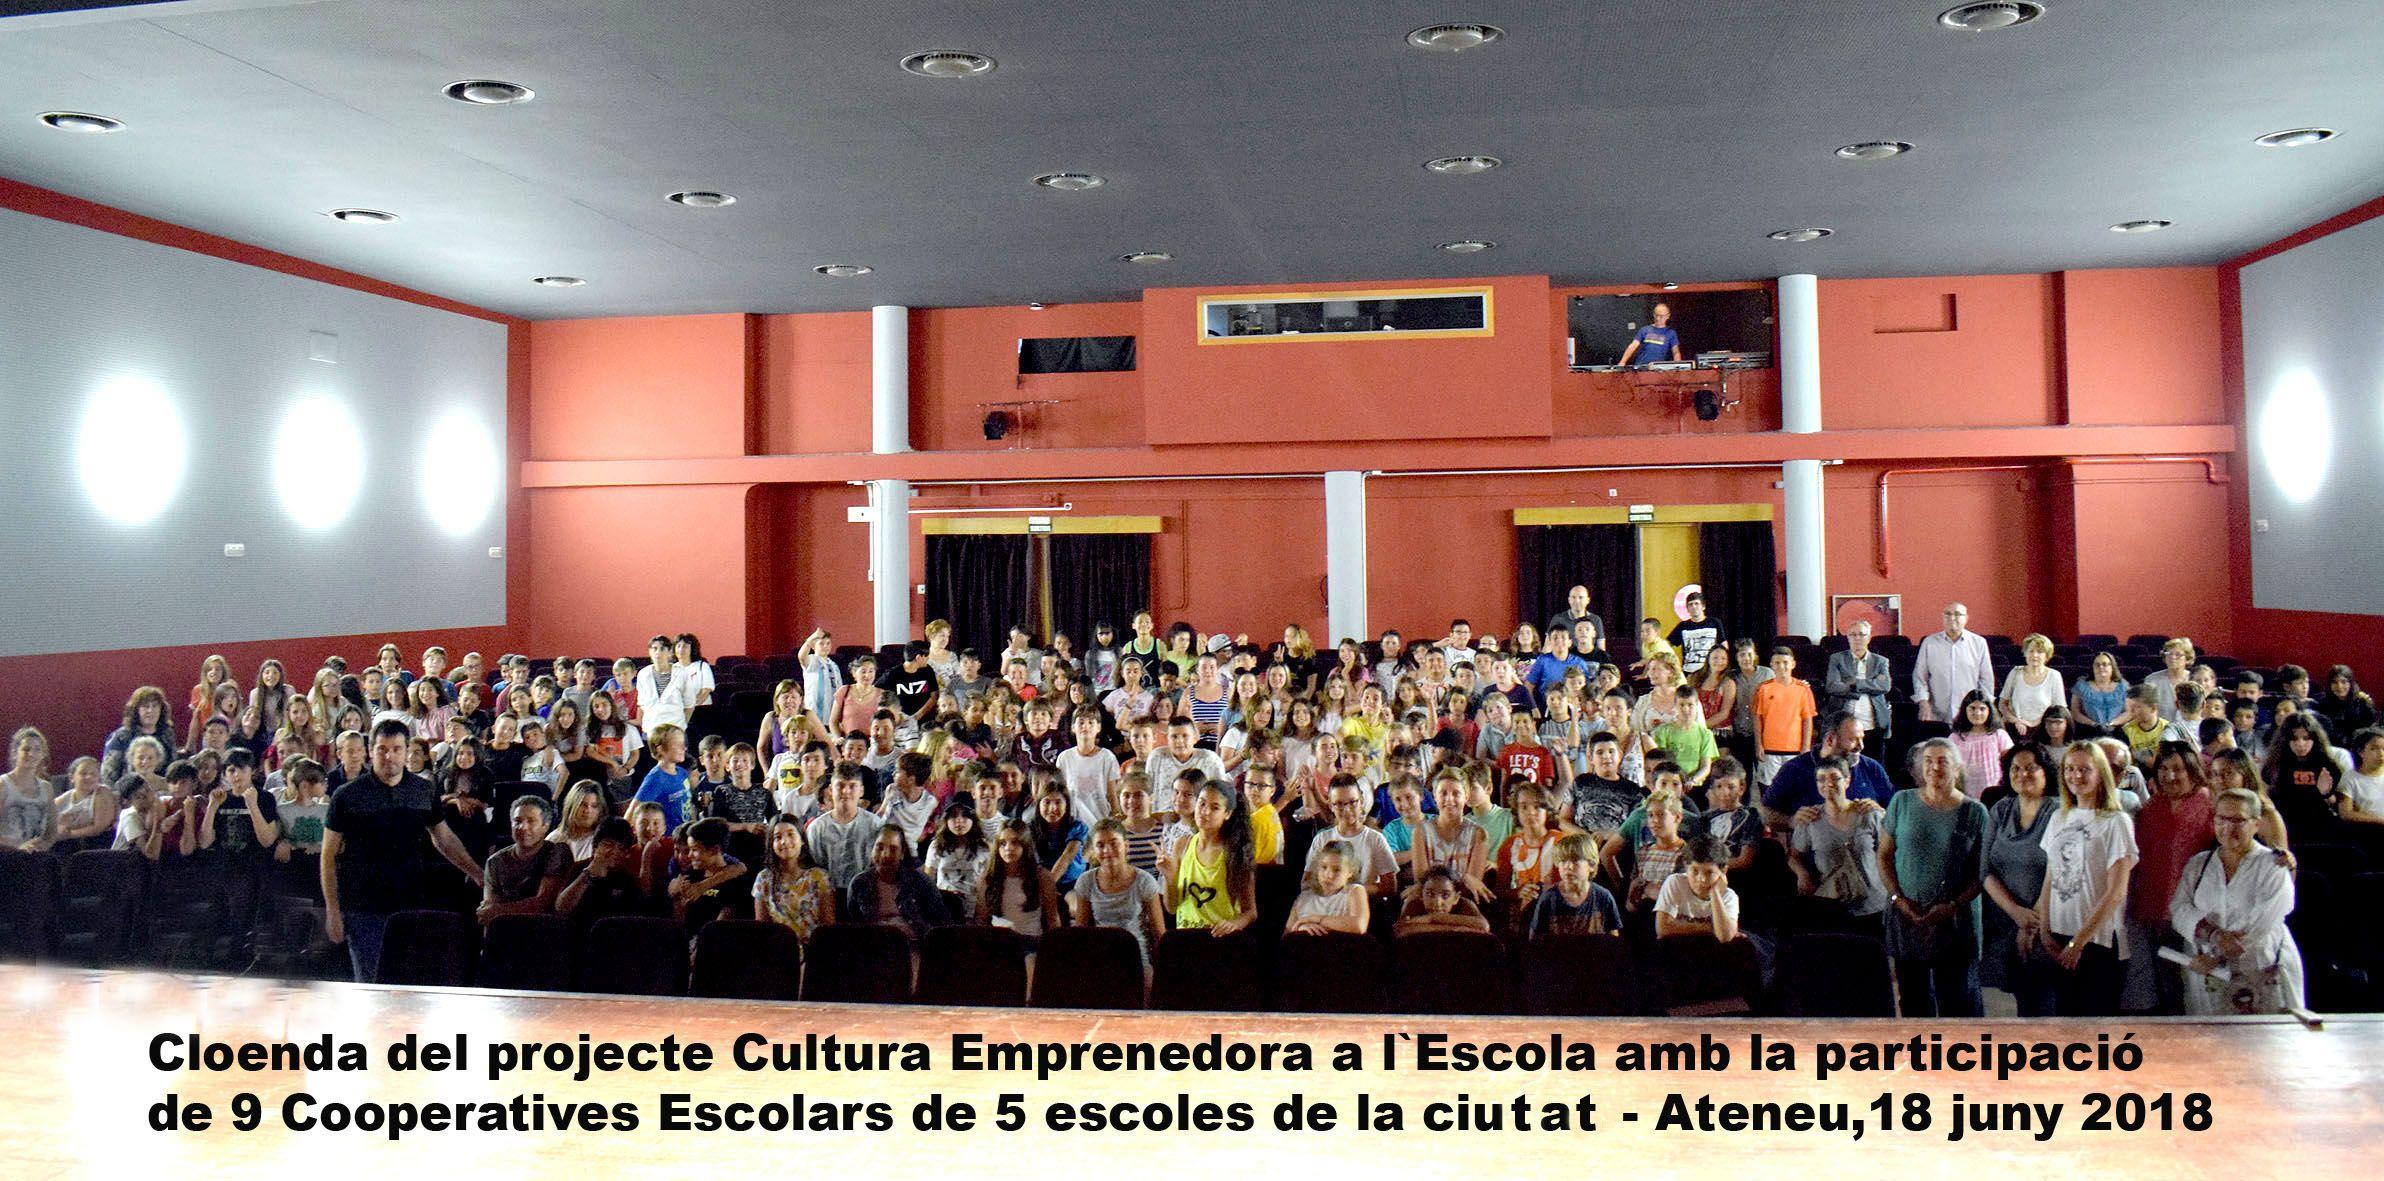 Foto de família dels cooperativistes, mestres i representants de l'Ajuntament